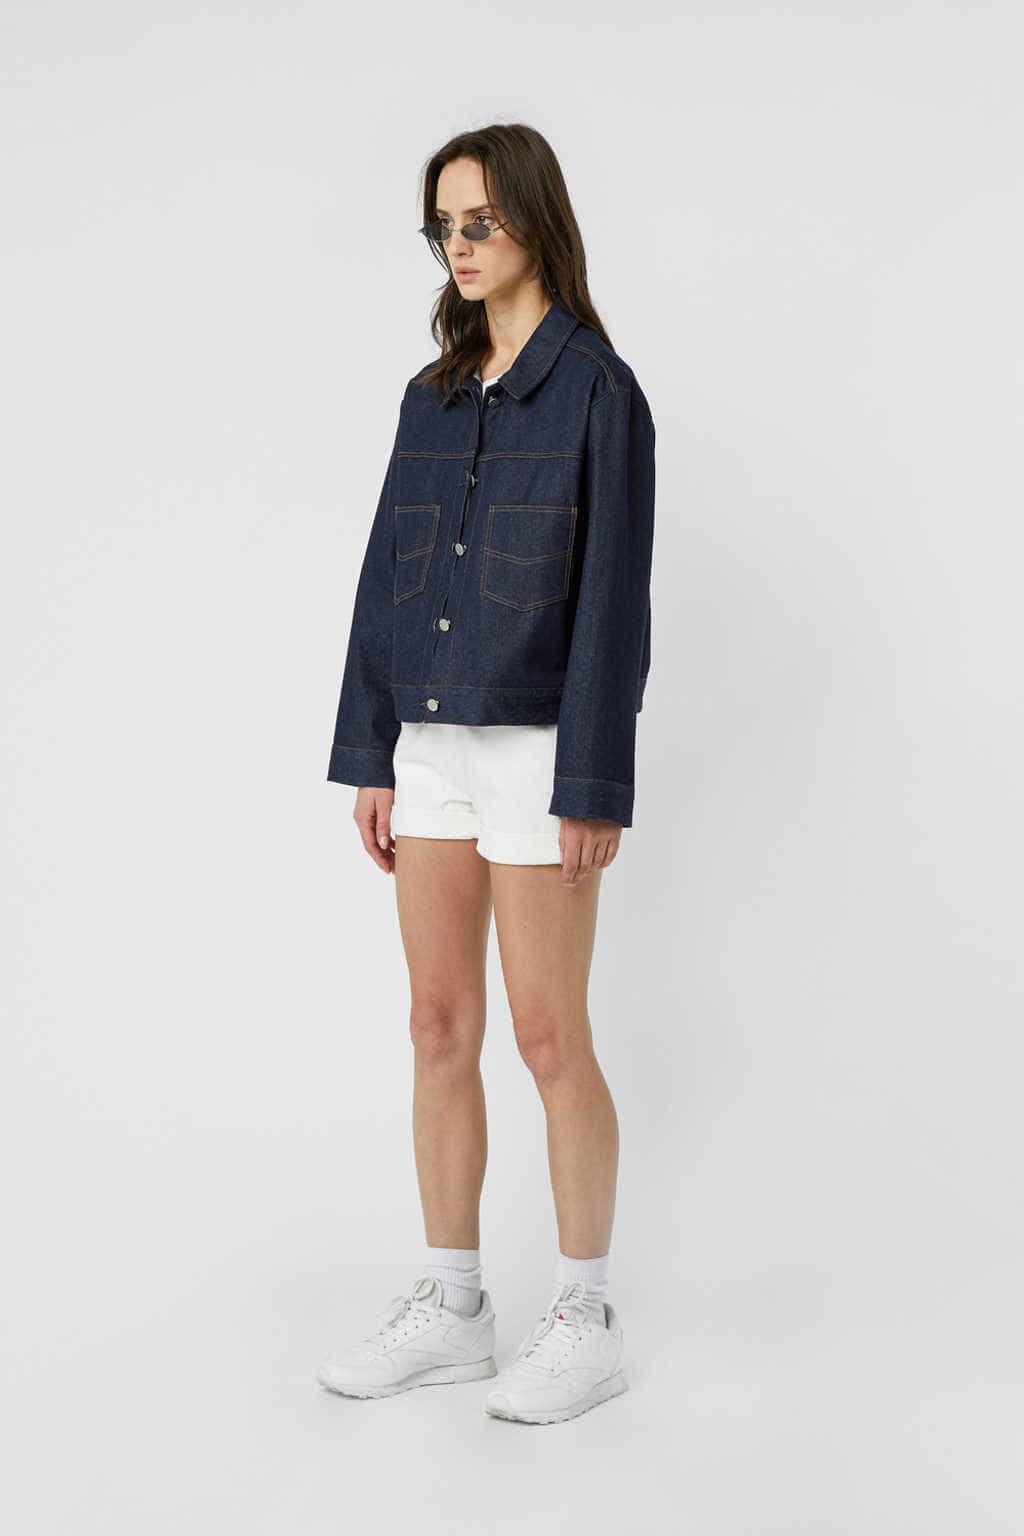 Jacket J010 Indigo 3